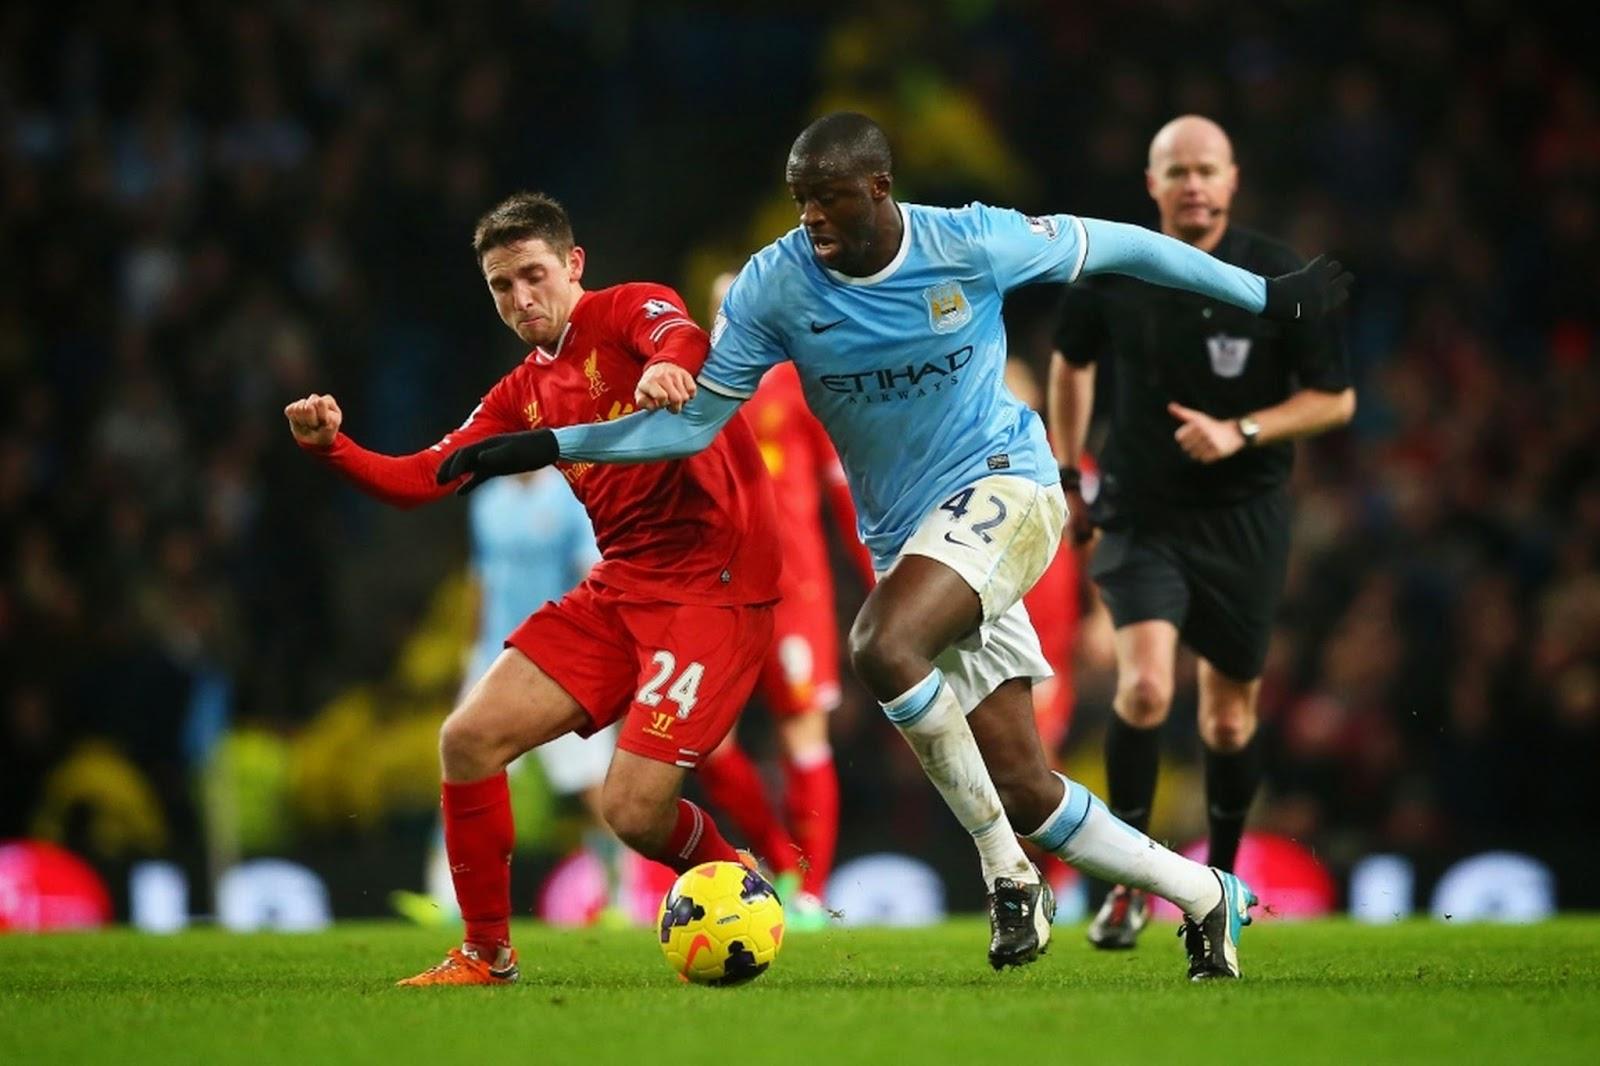 Liverpool v Manchester City: Premier League preview 28-2-2015